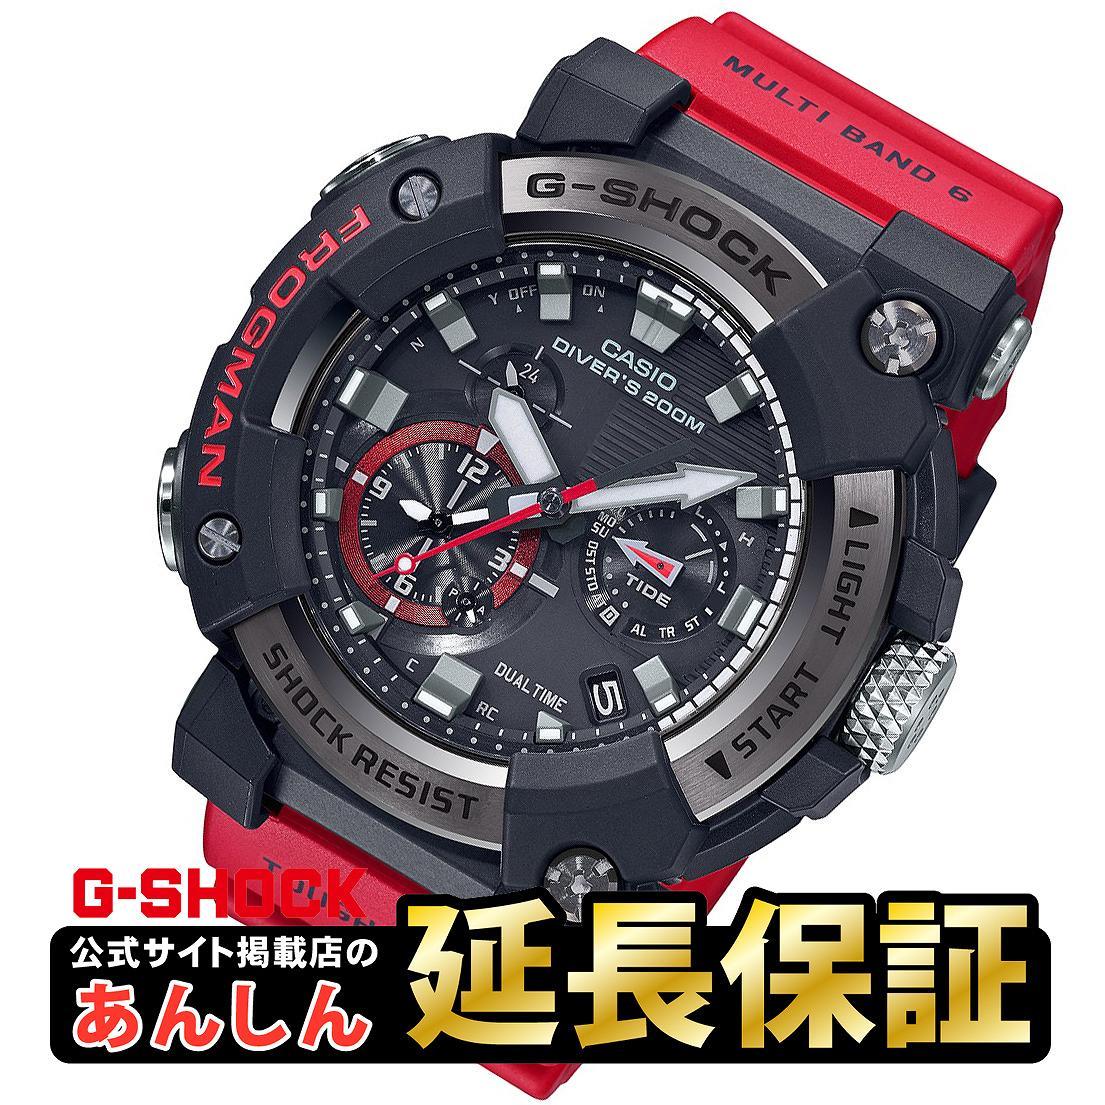 腕時計, メンズ腕時計 131010,000OFF30 G GWF-A1000-1A4JF G CASIO G-SHOCK GWF-A10000620